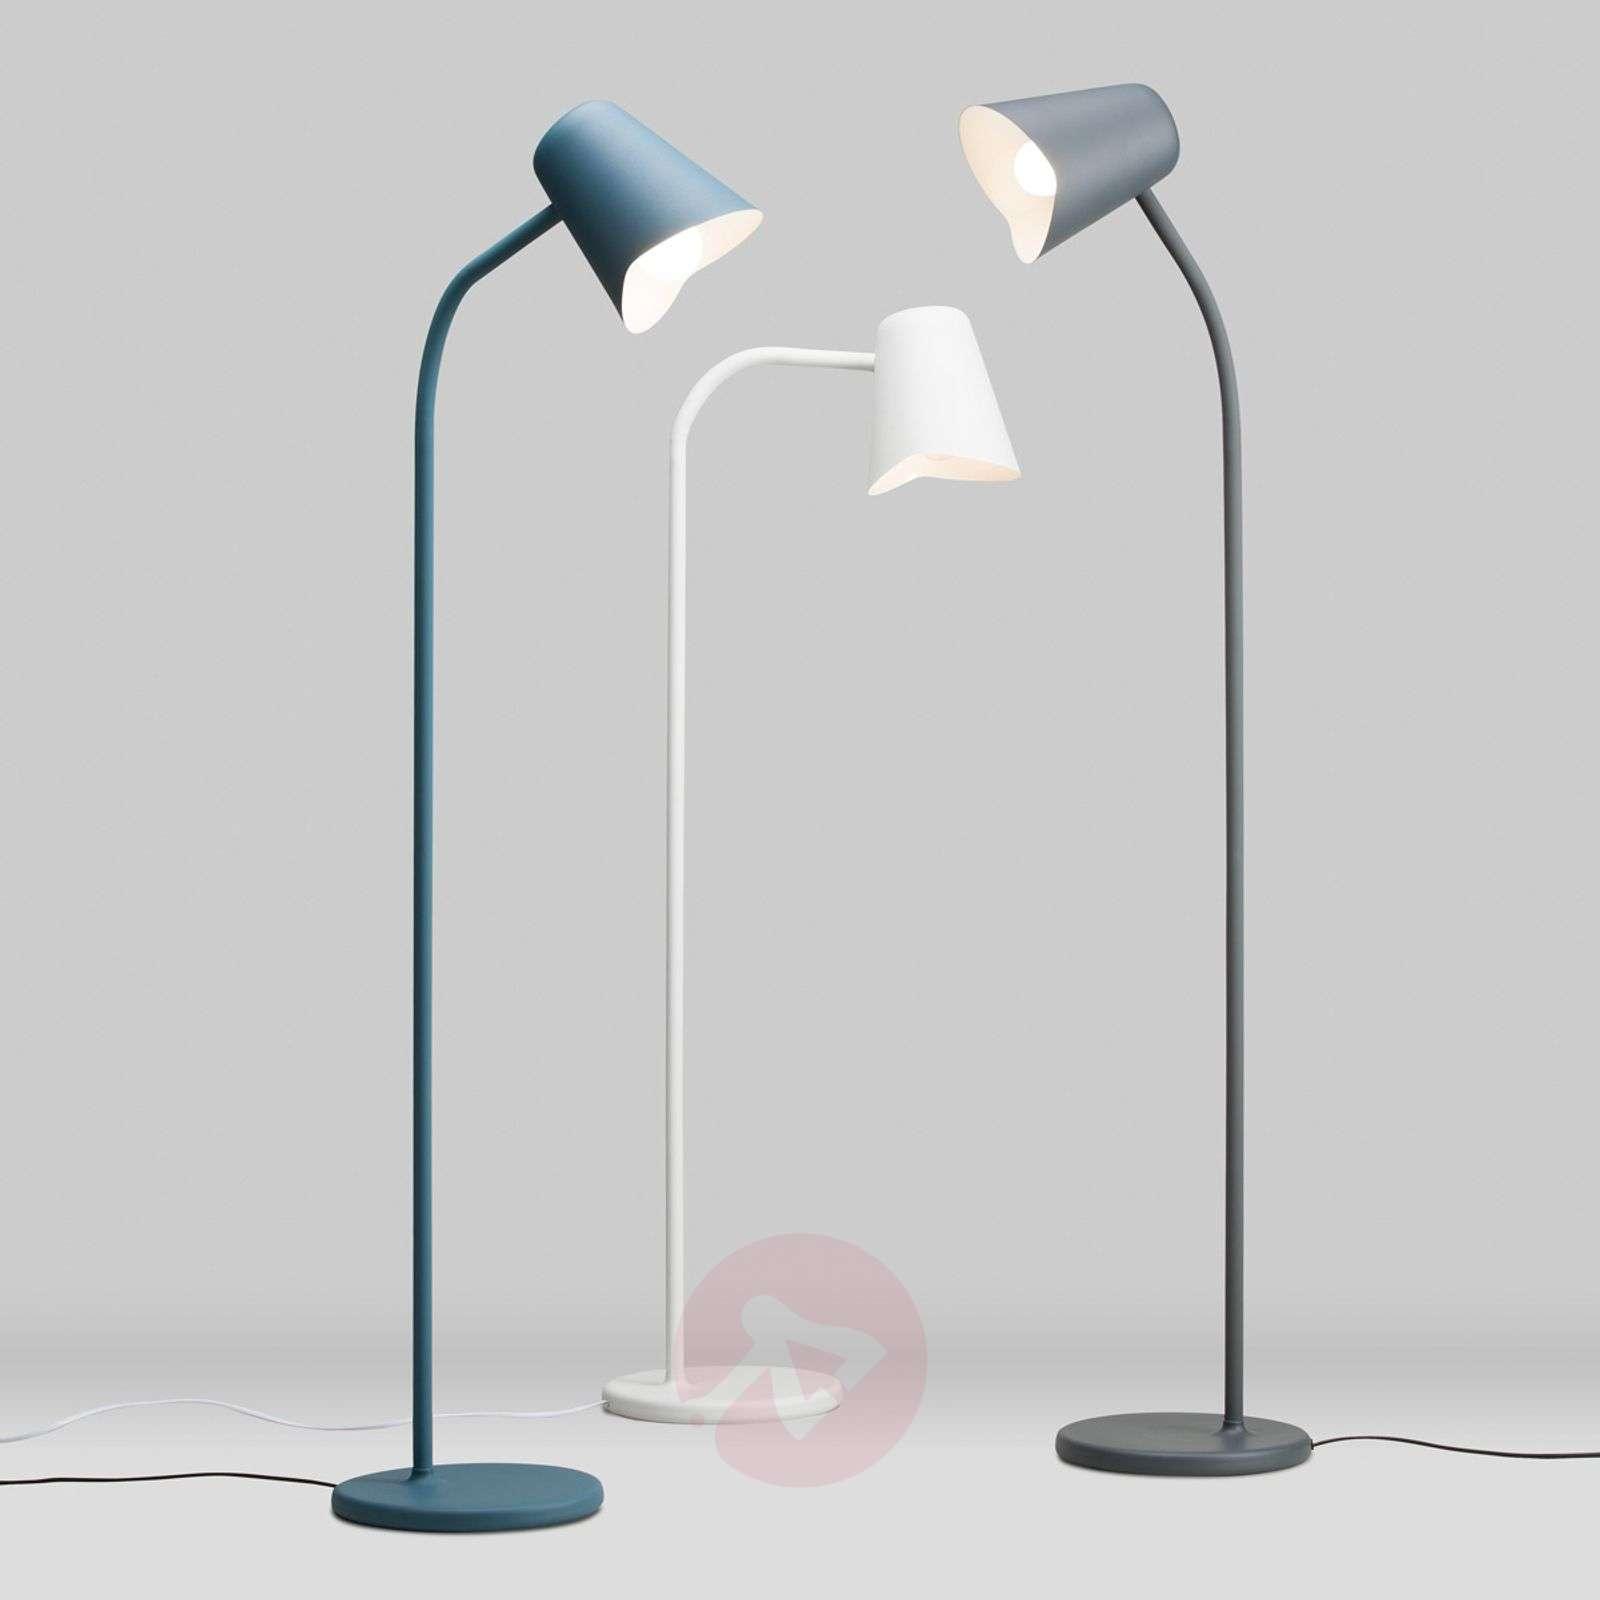 Petrolinsininen design-lattiavalaisin Me-7013068-01